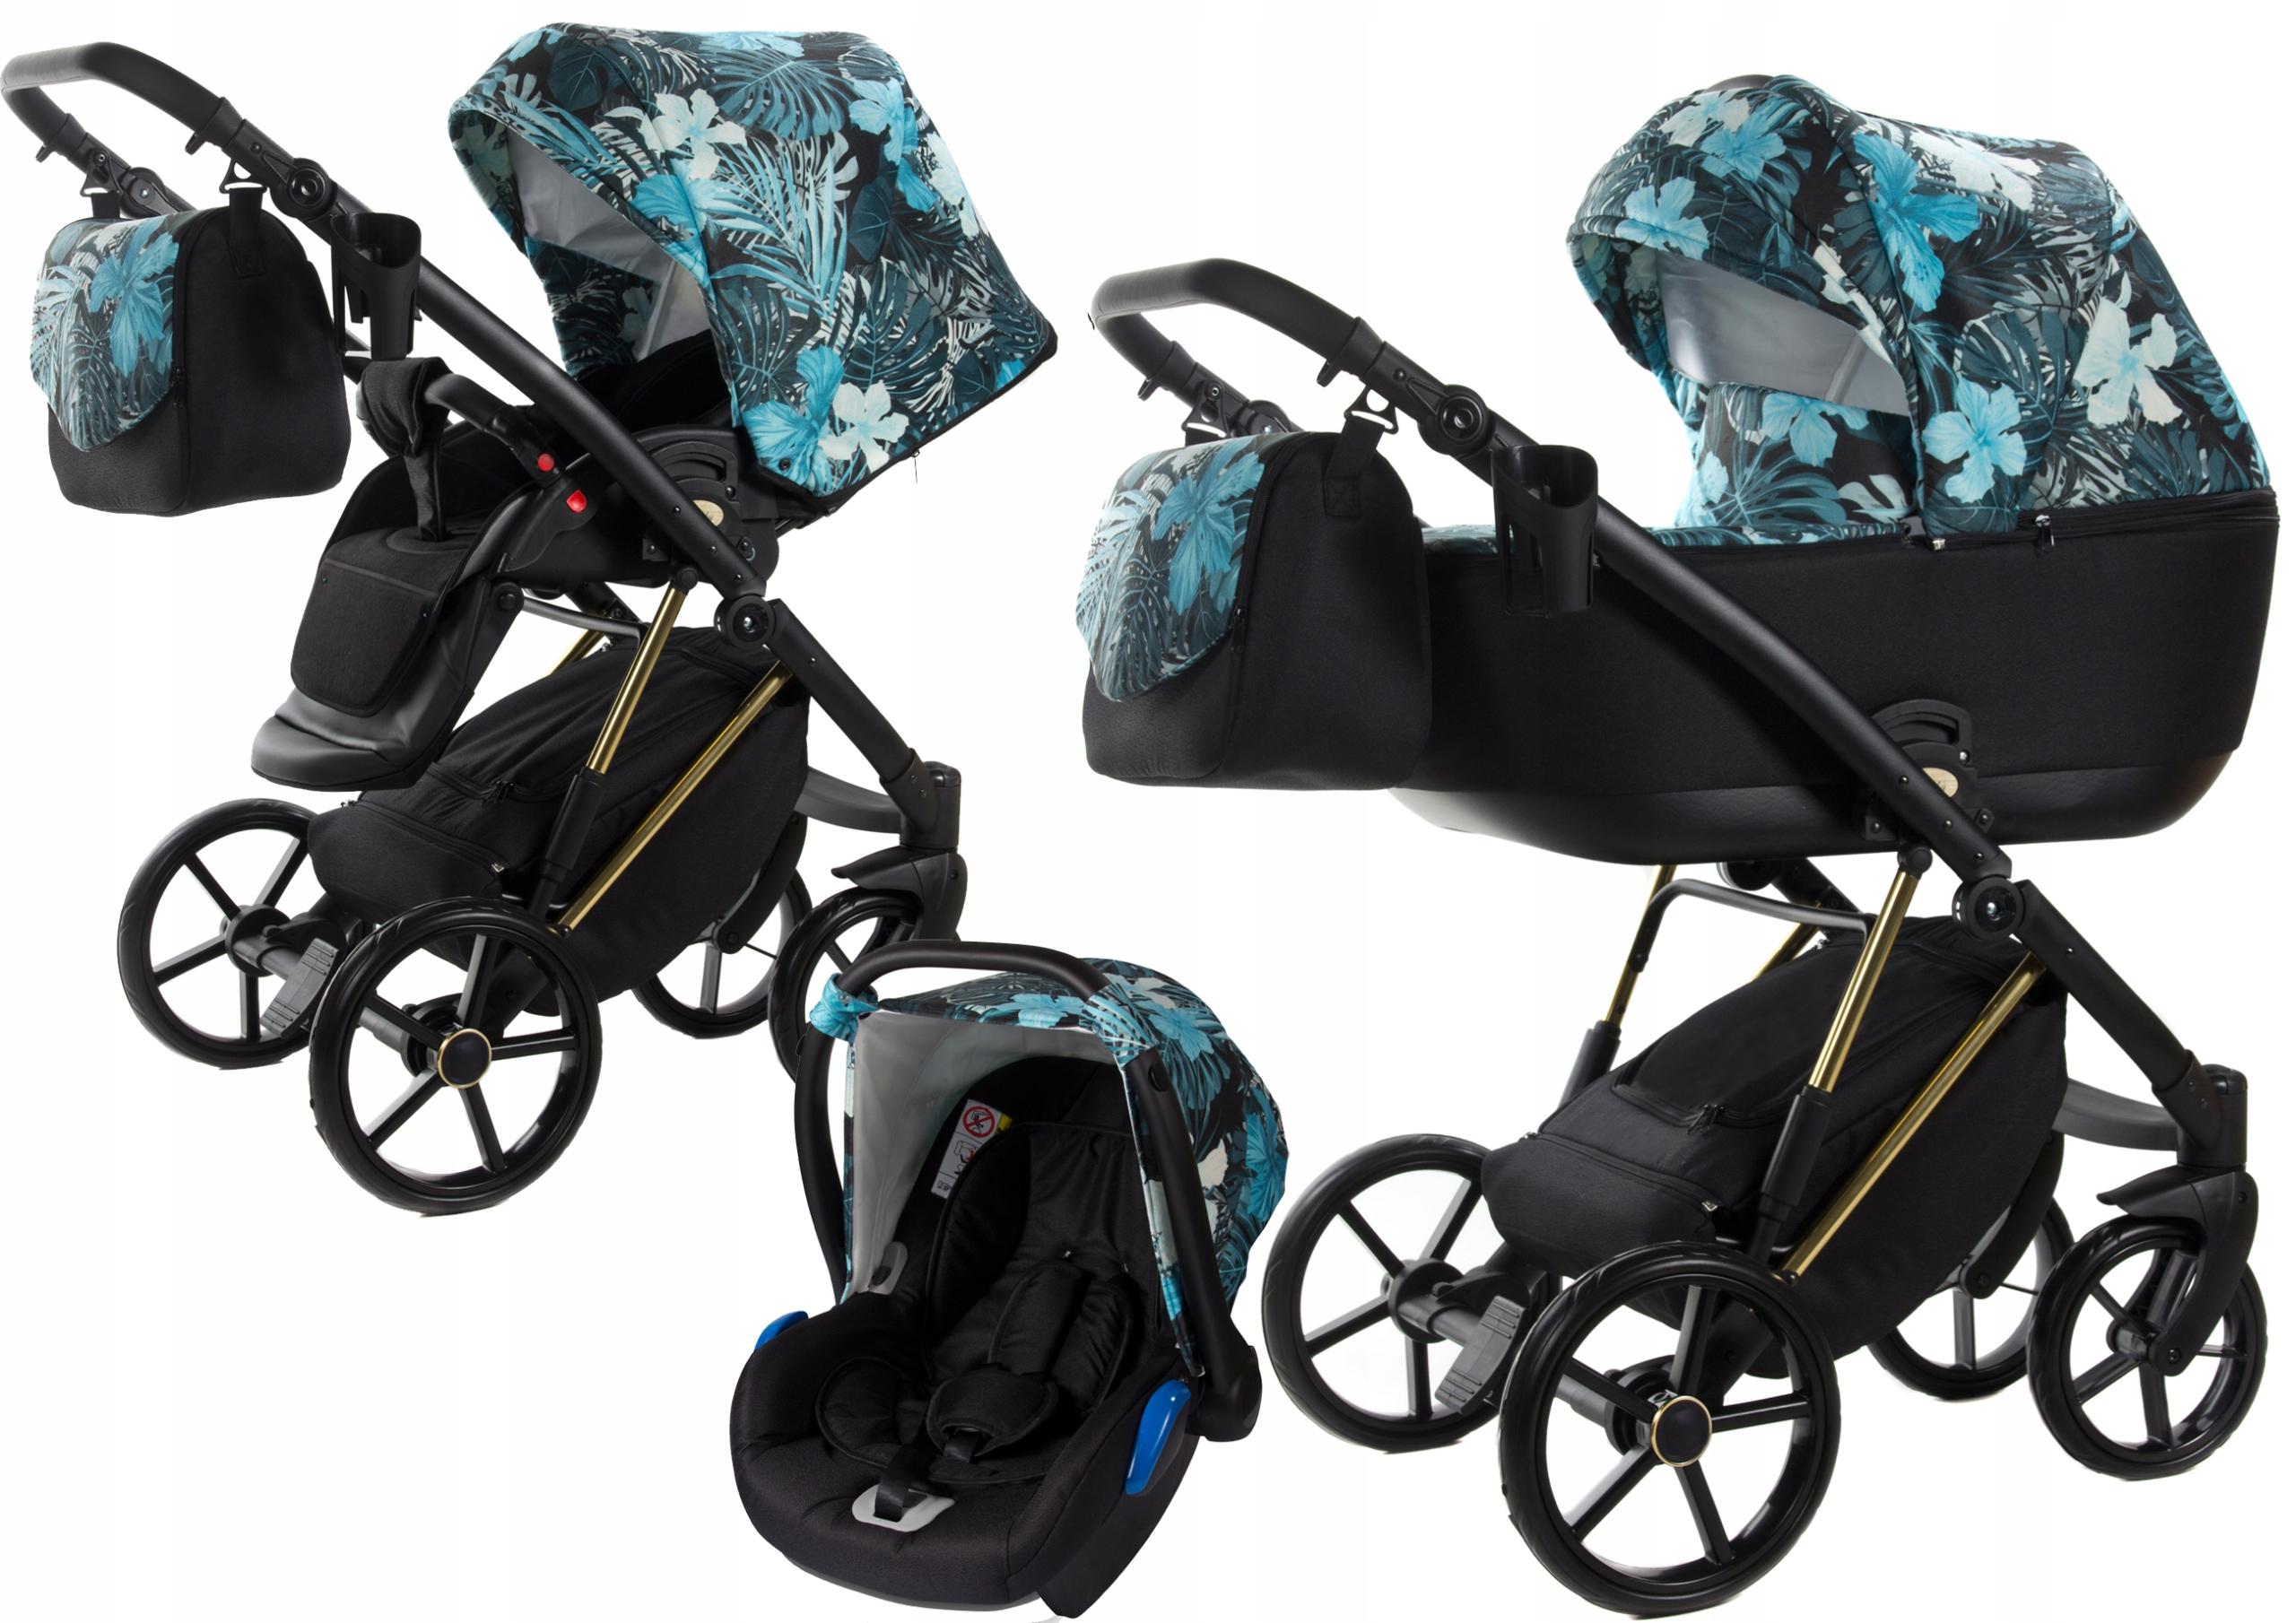 Wózek dziecięcy 3w1 VERSO FLOWERS COLLECTION Alu